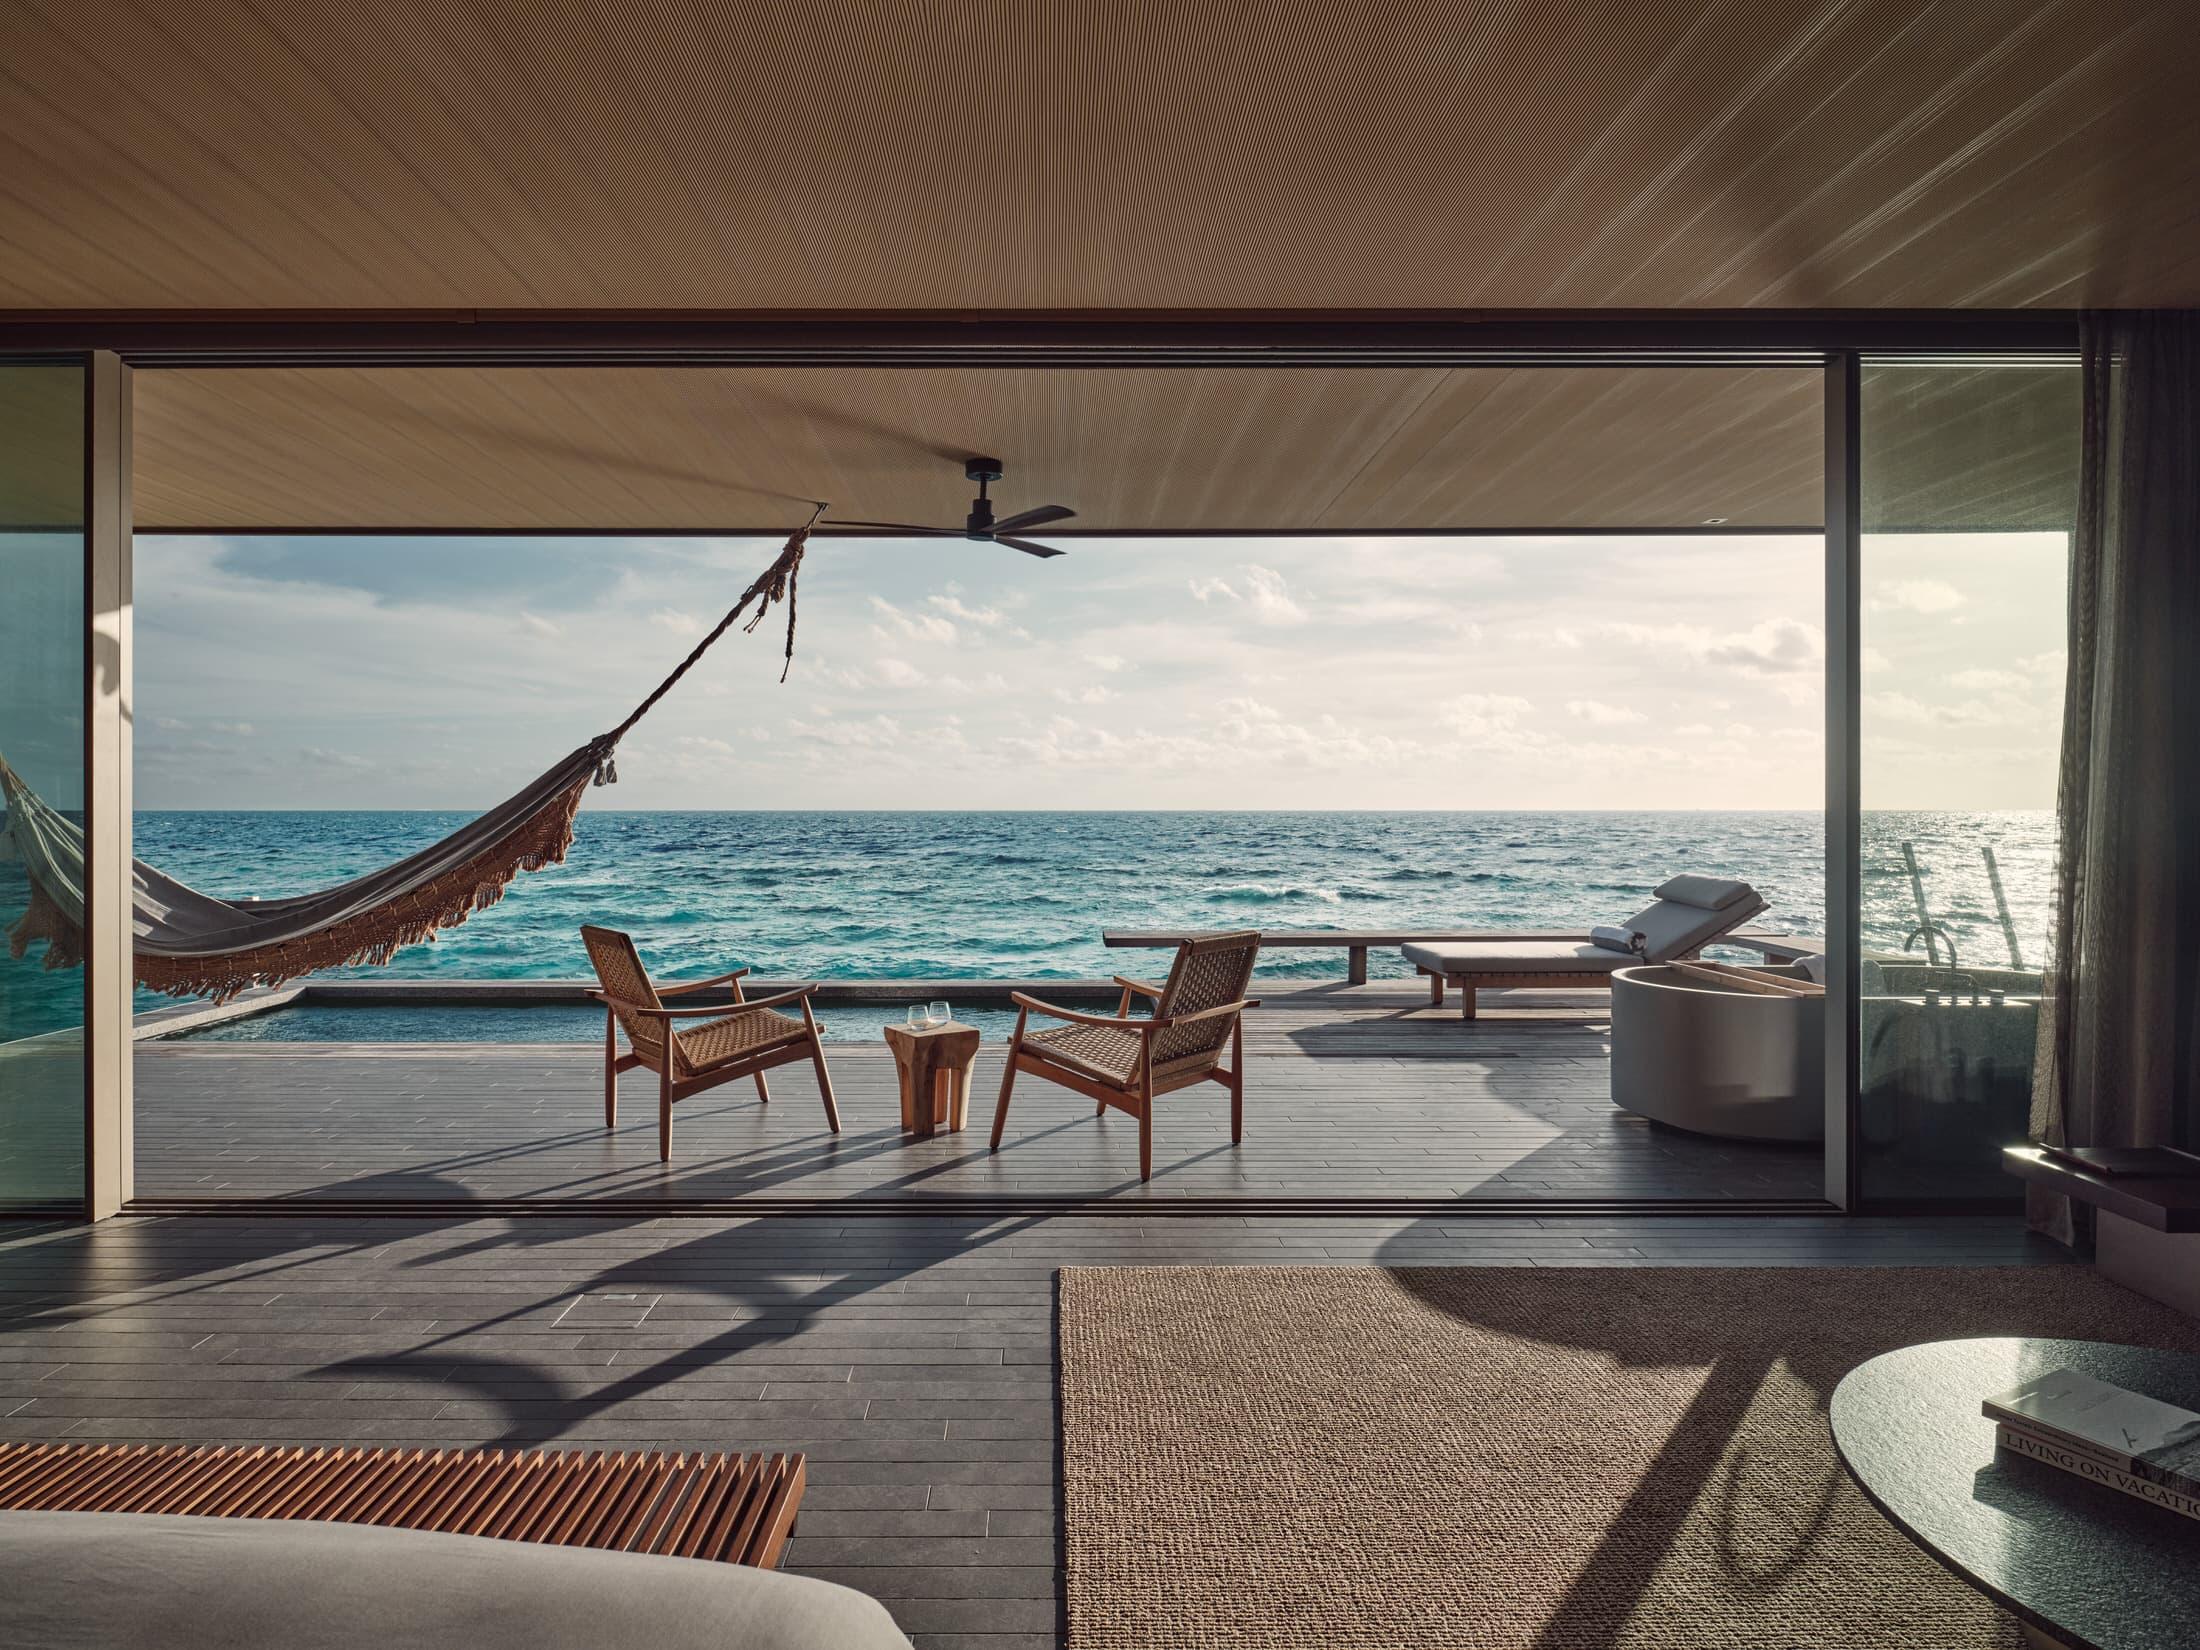 Studio Mk27 Patina Maldives Luxury Resort Yellowtrace 23